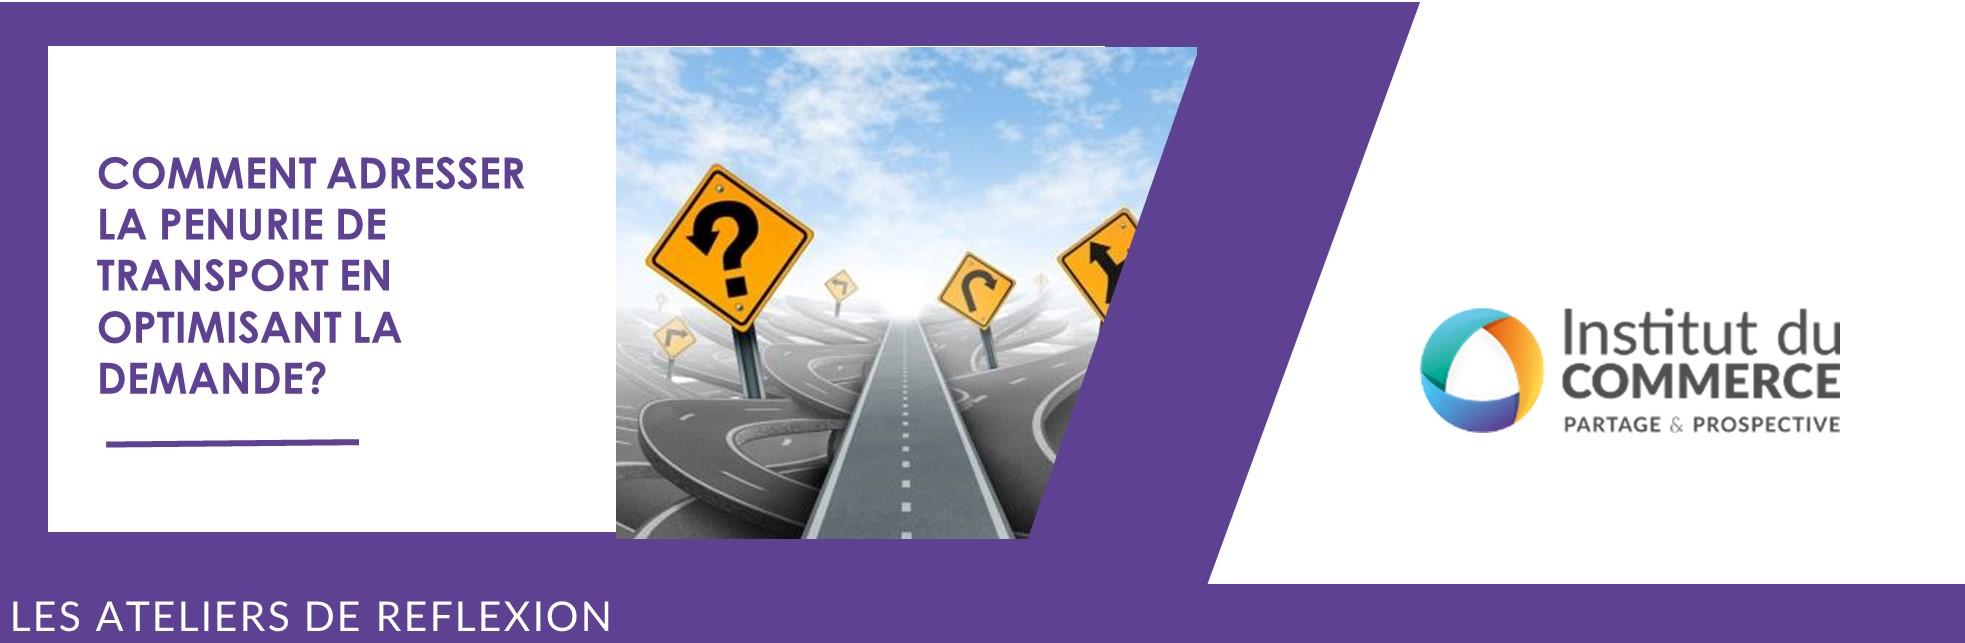 Comment adresser la pénurie de transport en optimisant la demande?